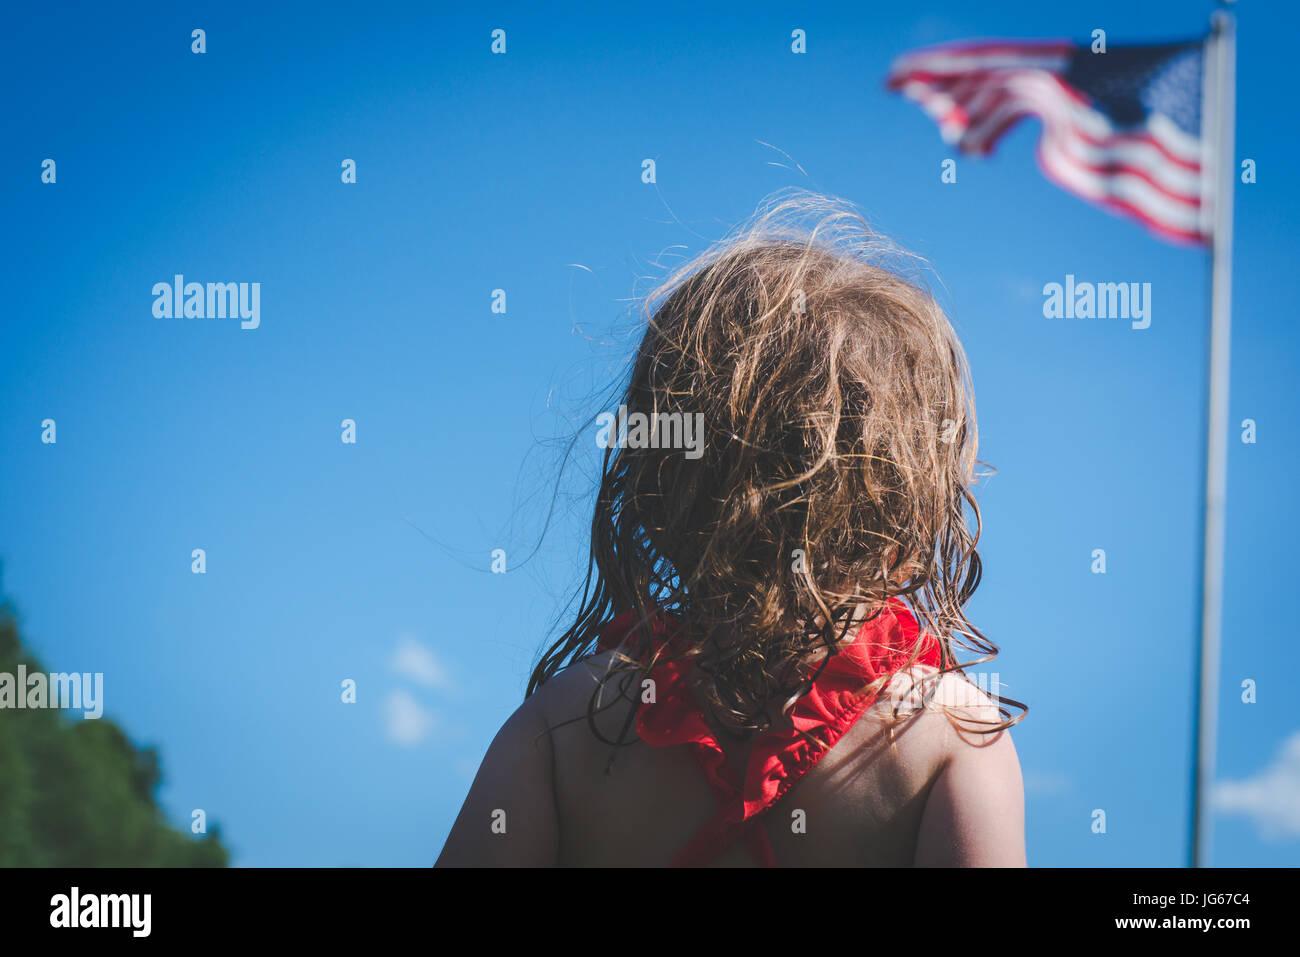 Une jeune fille regarde drapeau américain. Photo Stock